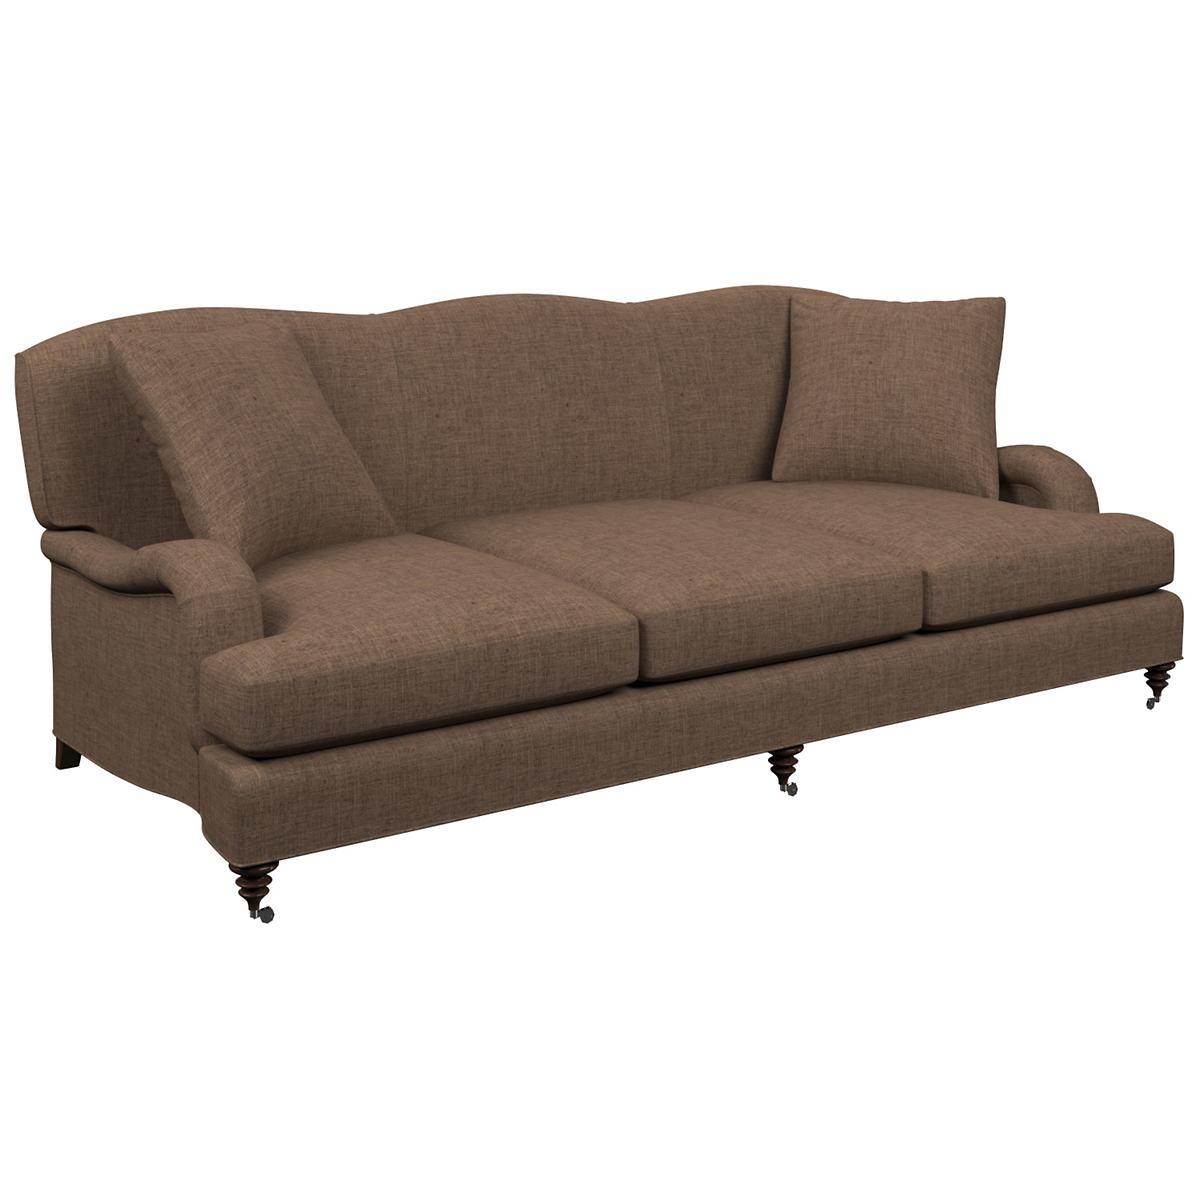 Greylock Brown Litchfield 3 Seater Sofa